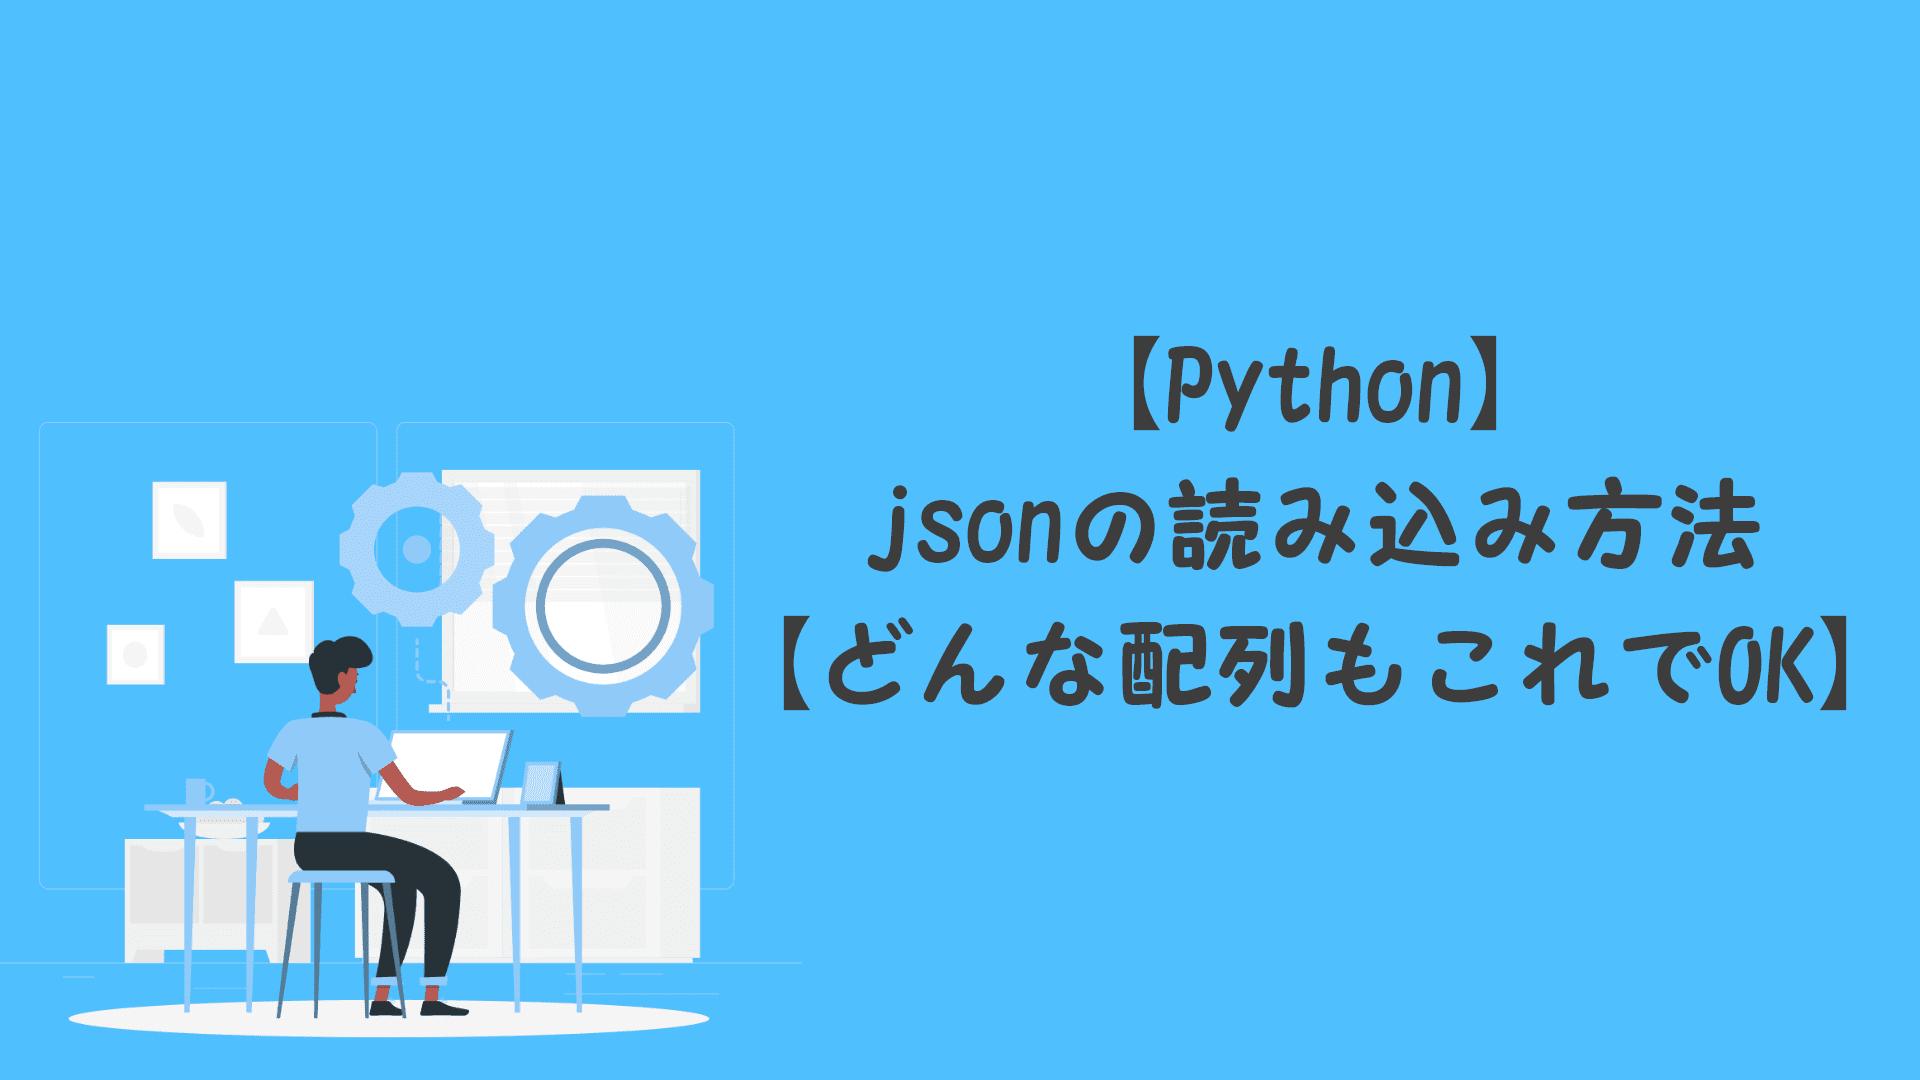 【Python】jsonの読み込み方法【どんな配列もこれでOK】